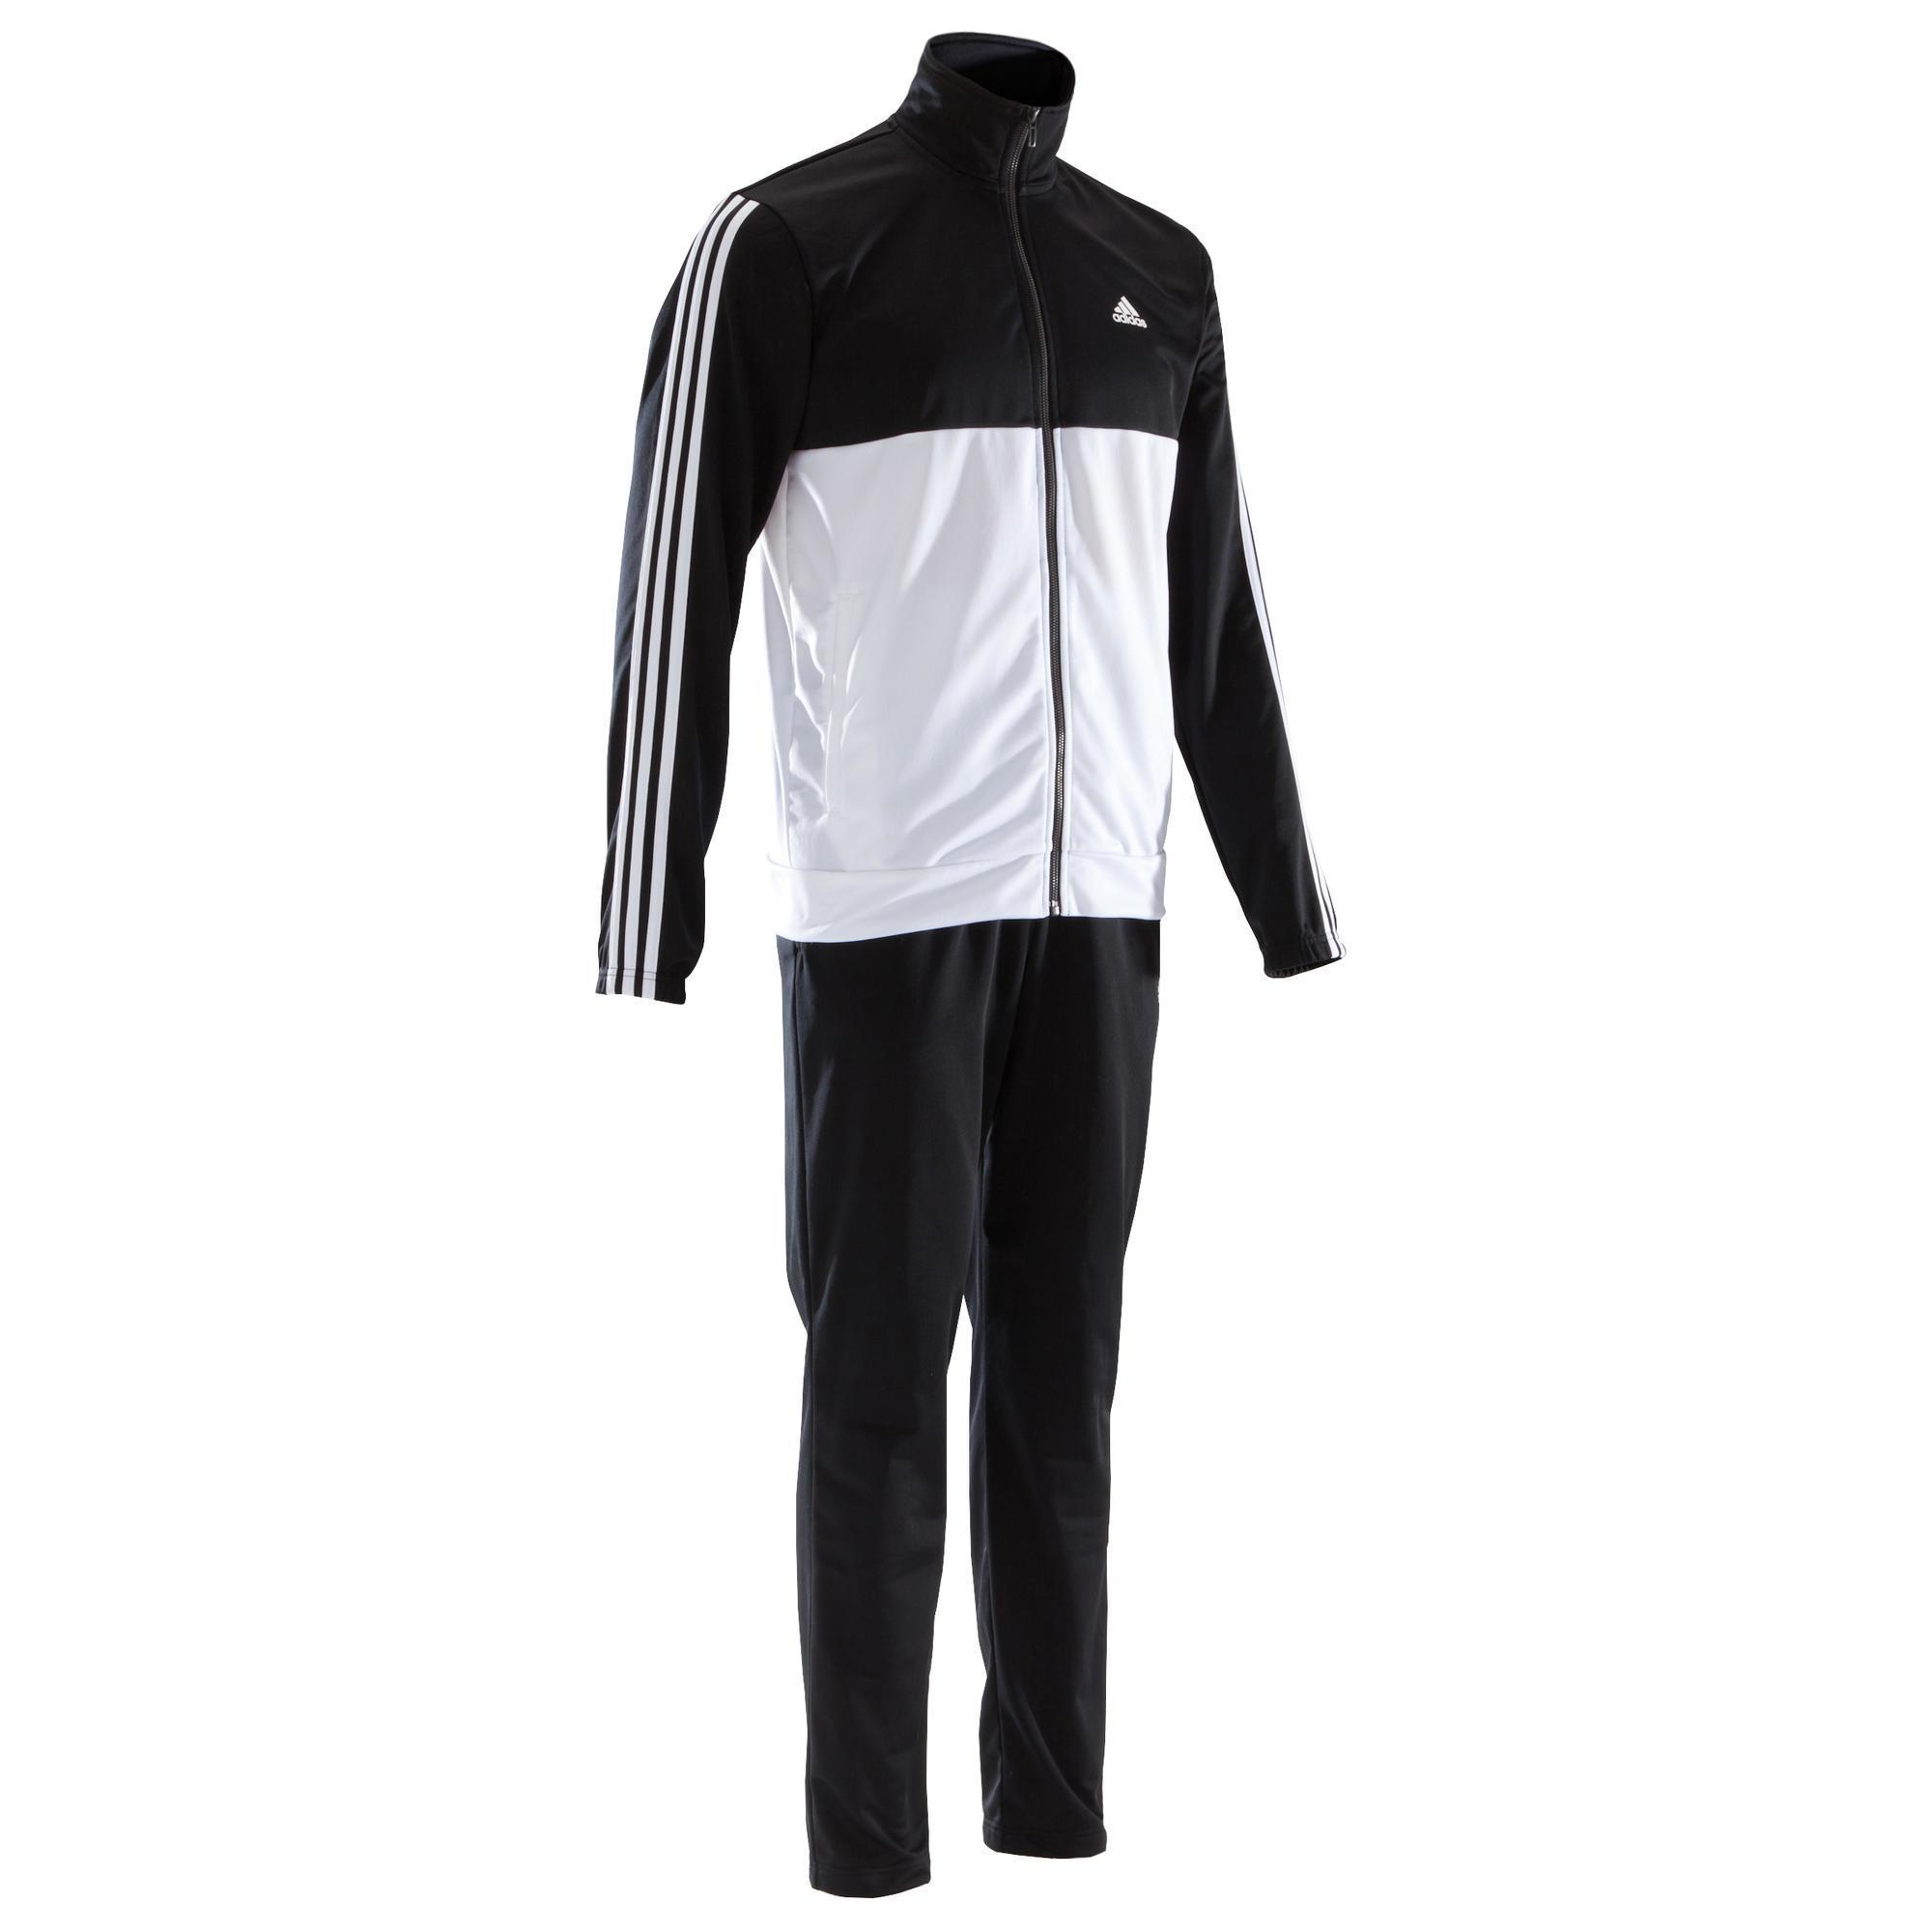 Adidas Trainingspak Adidas Shiny voor heren zwart en wit